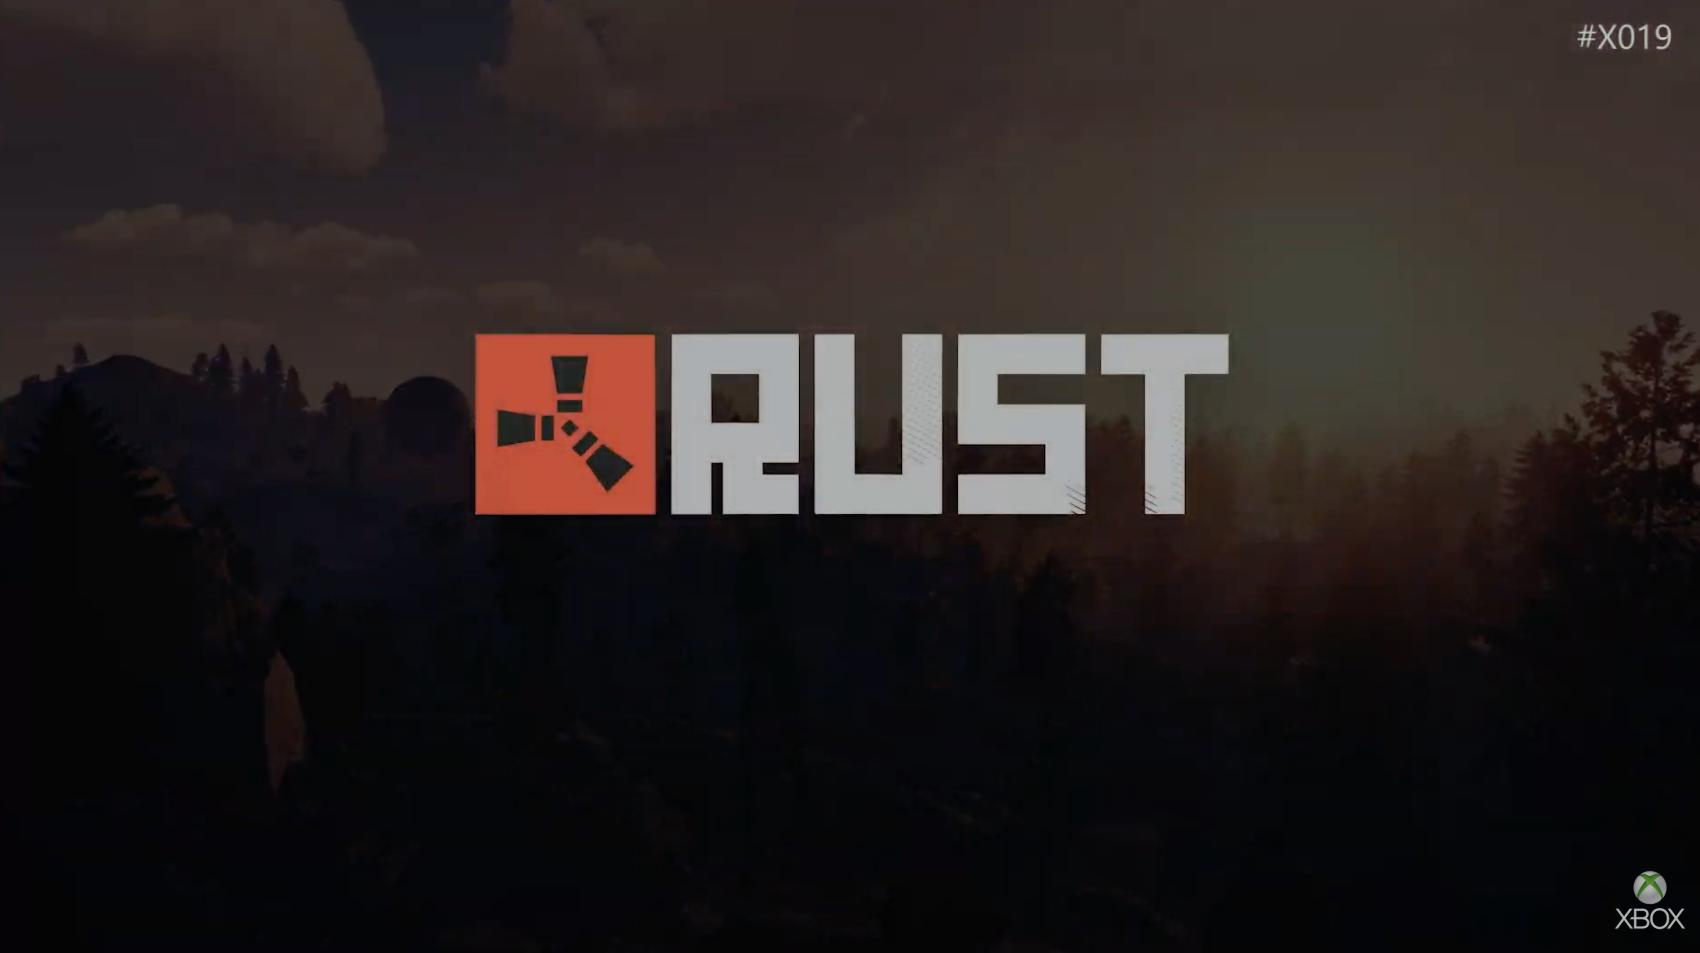 x019 Rust